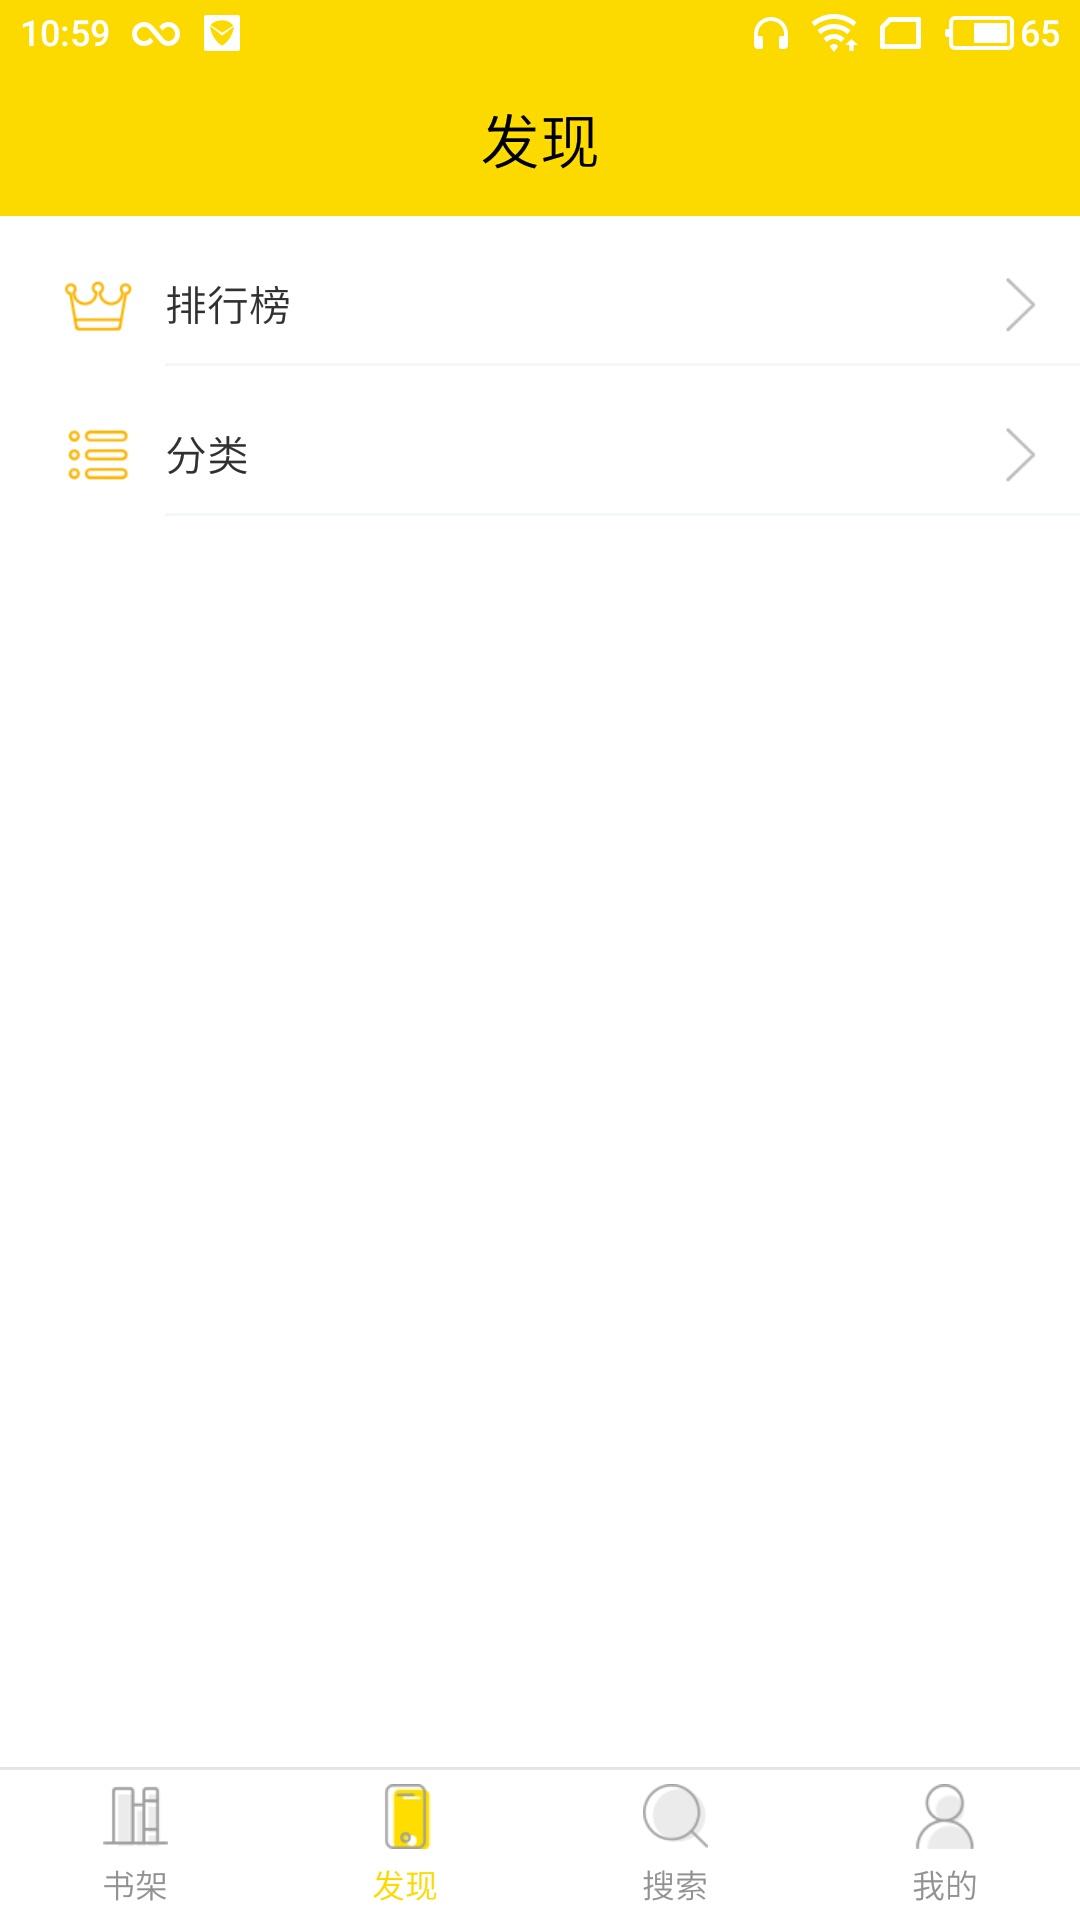 口袋搜书官方客户端  v3.0.1截图